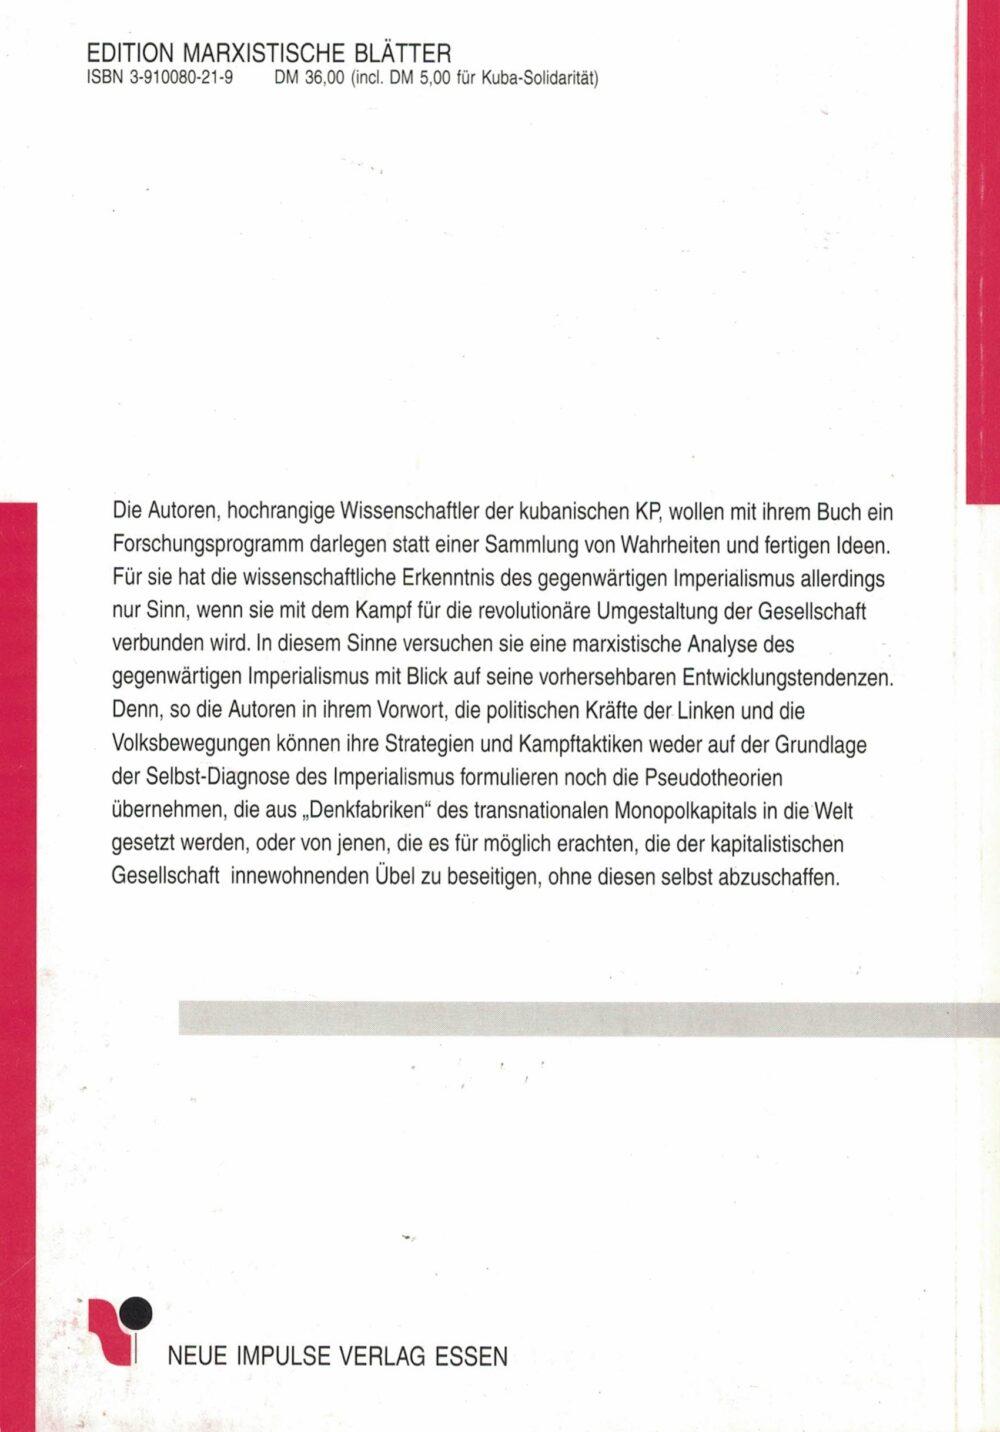 Kubanisches Autorenkollektiv - Imperialismus heute - Über den gegenwärtigen transnationalen Monopolkapitalismus